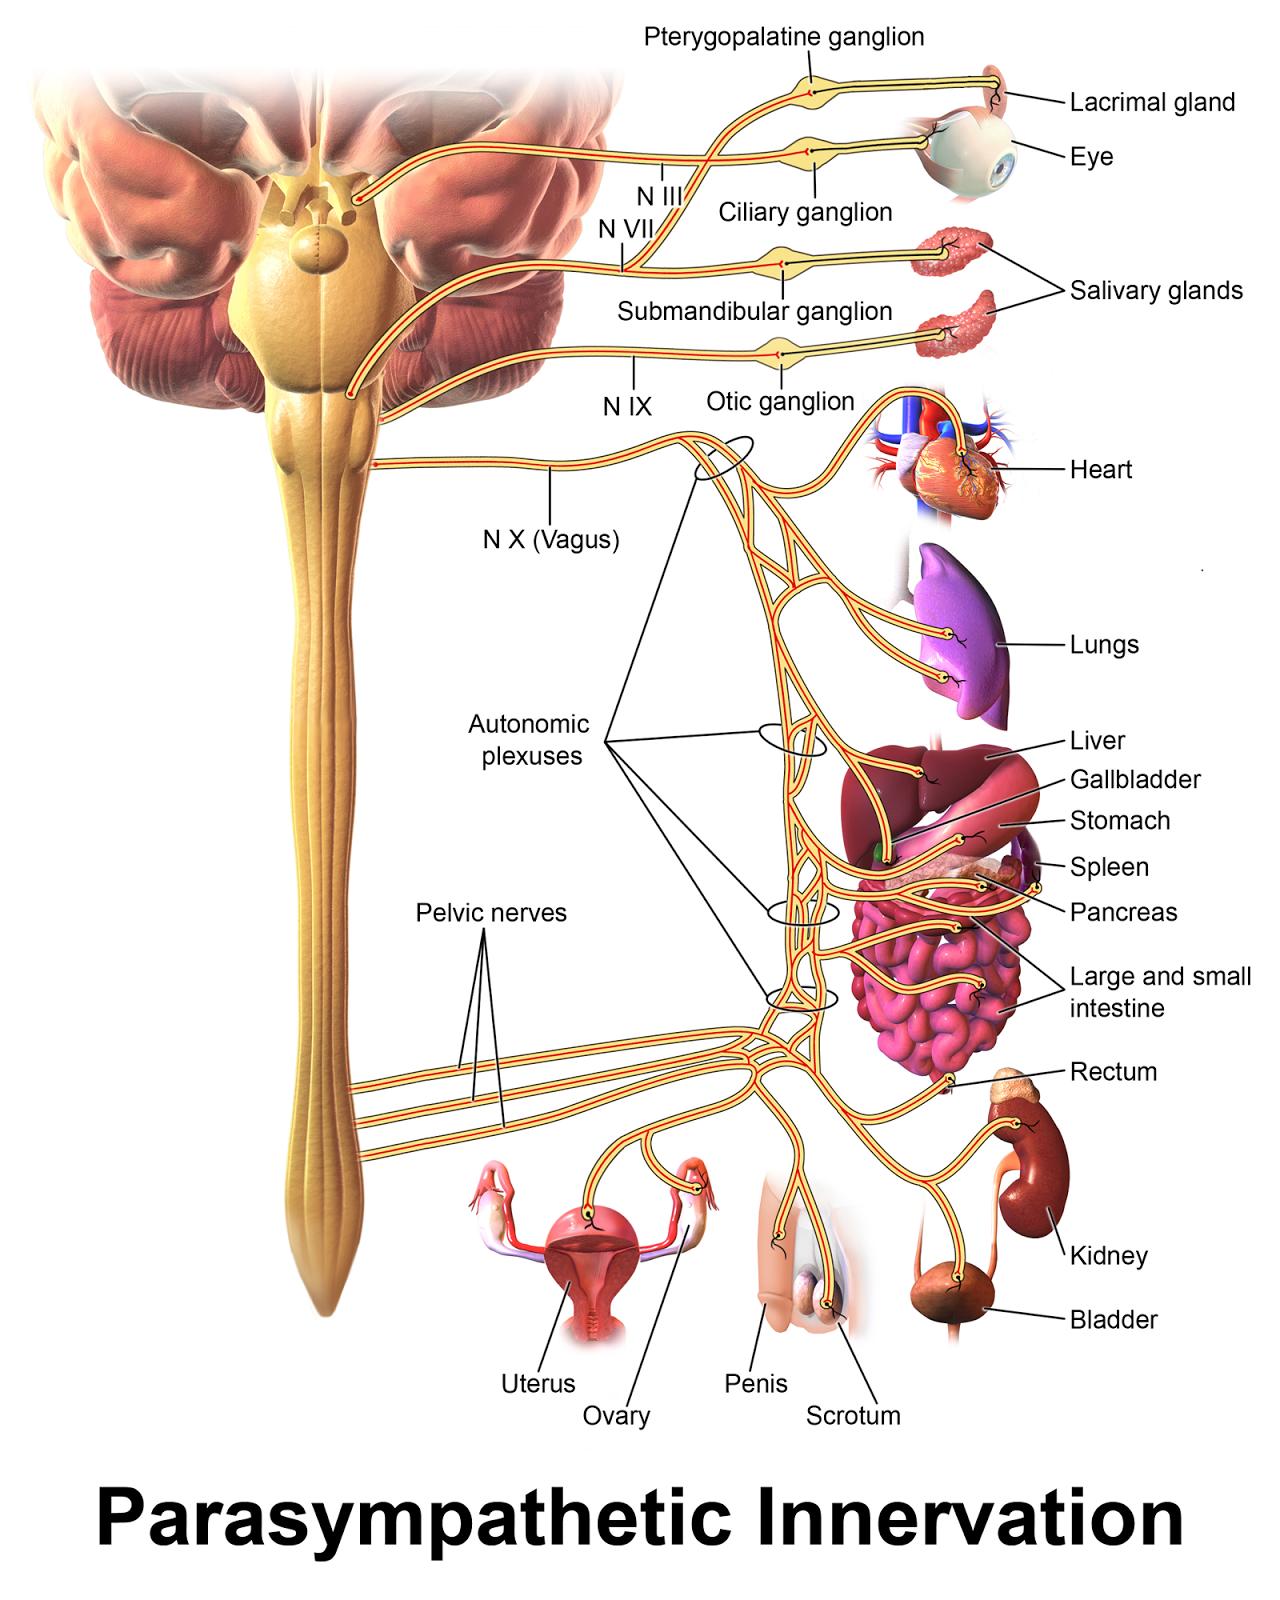 sistemul nervos al fergusilor